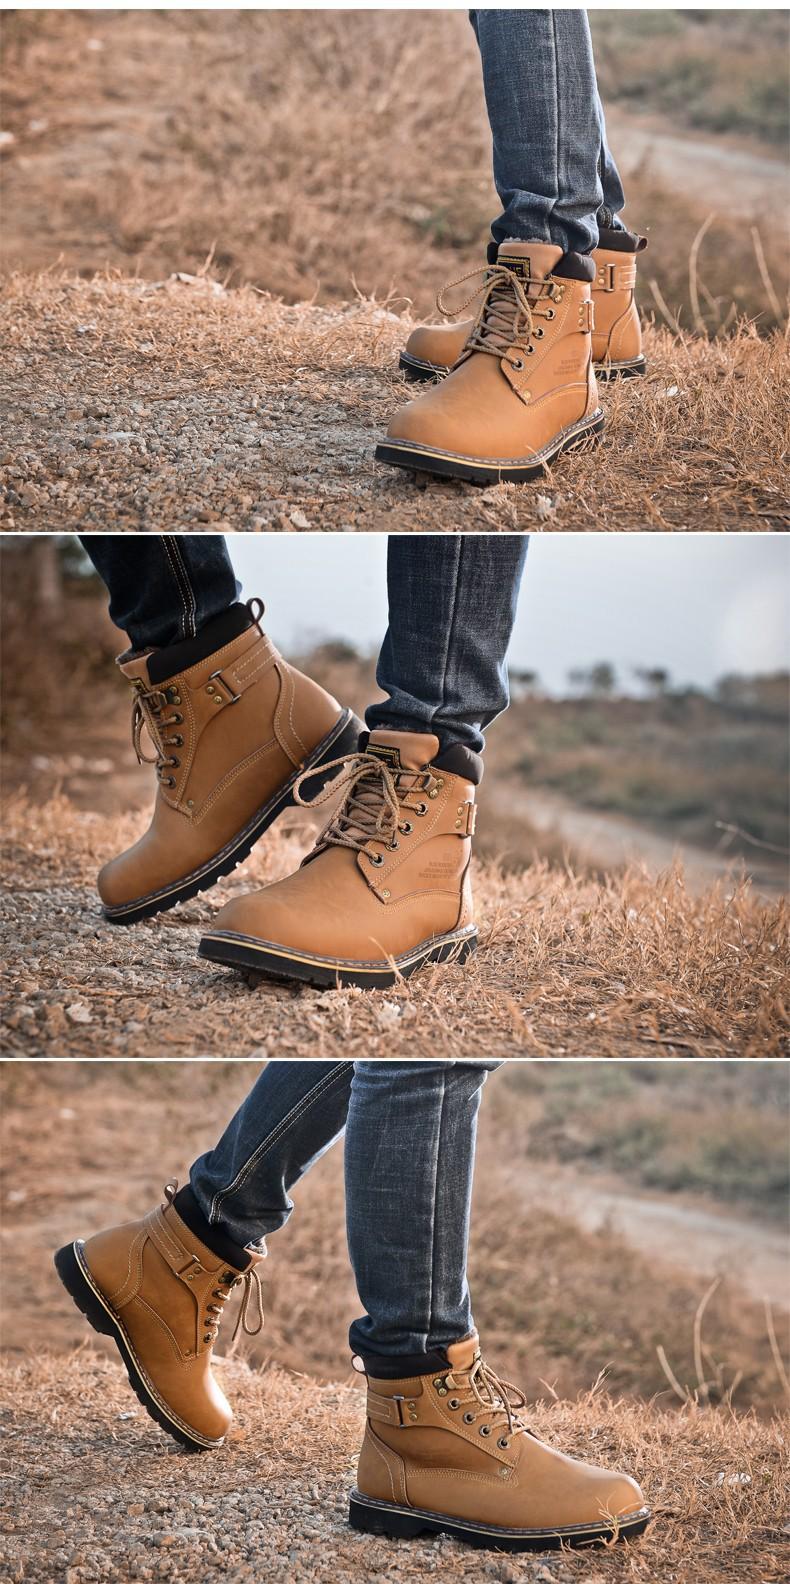 2014 Hot Sale Men'S Winter Snow Boots Martin Boots Plus Velvet